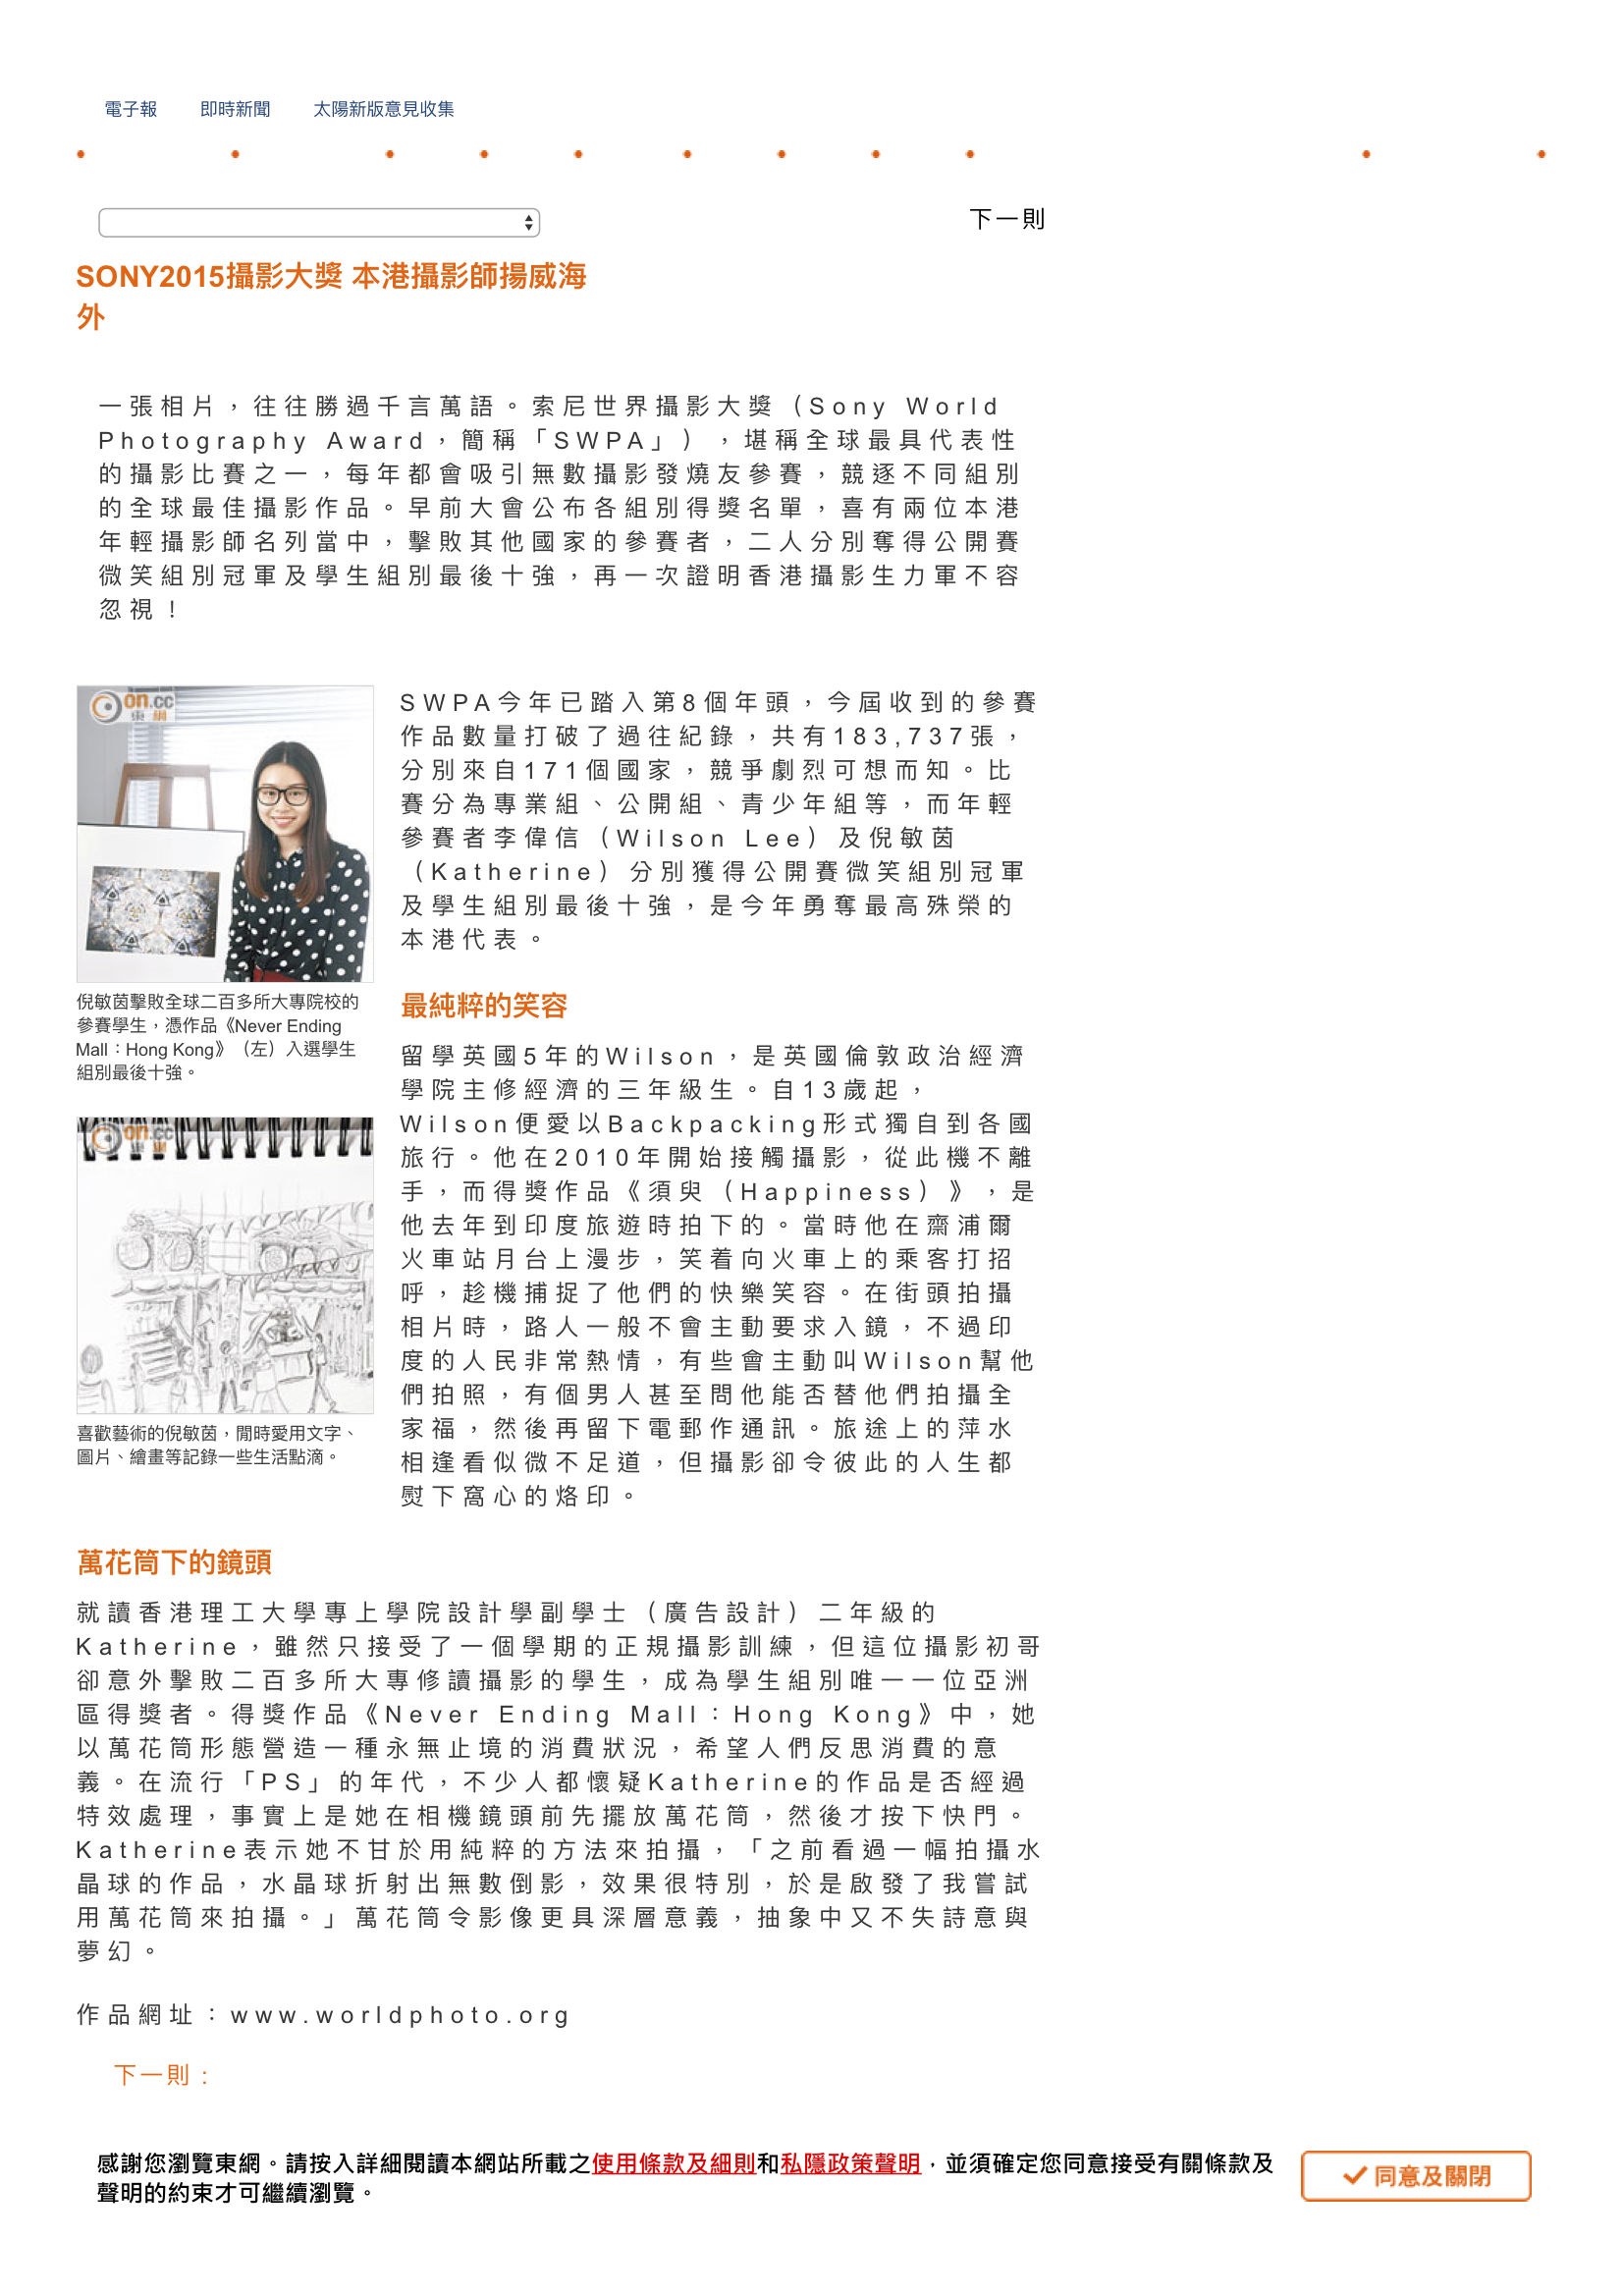 SONY2015攝影大獎 本港攝影師揚威海外 - 太陽報.png